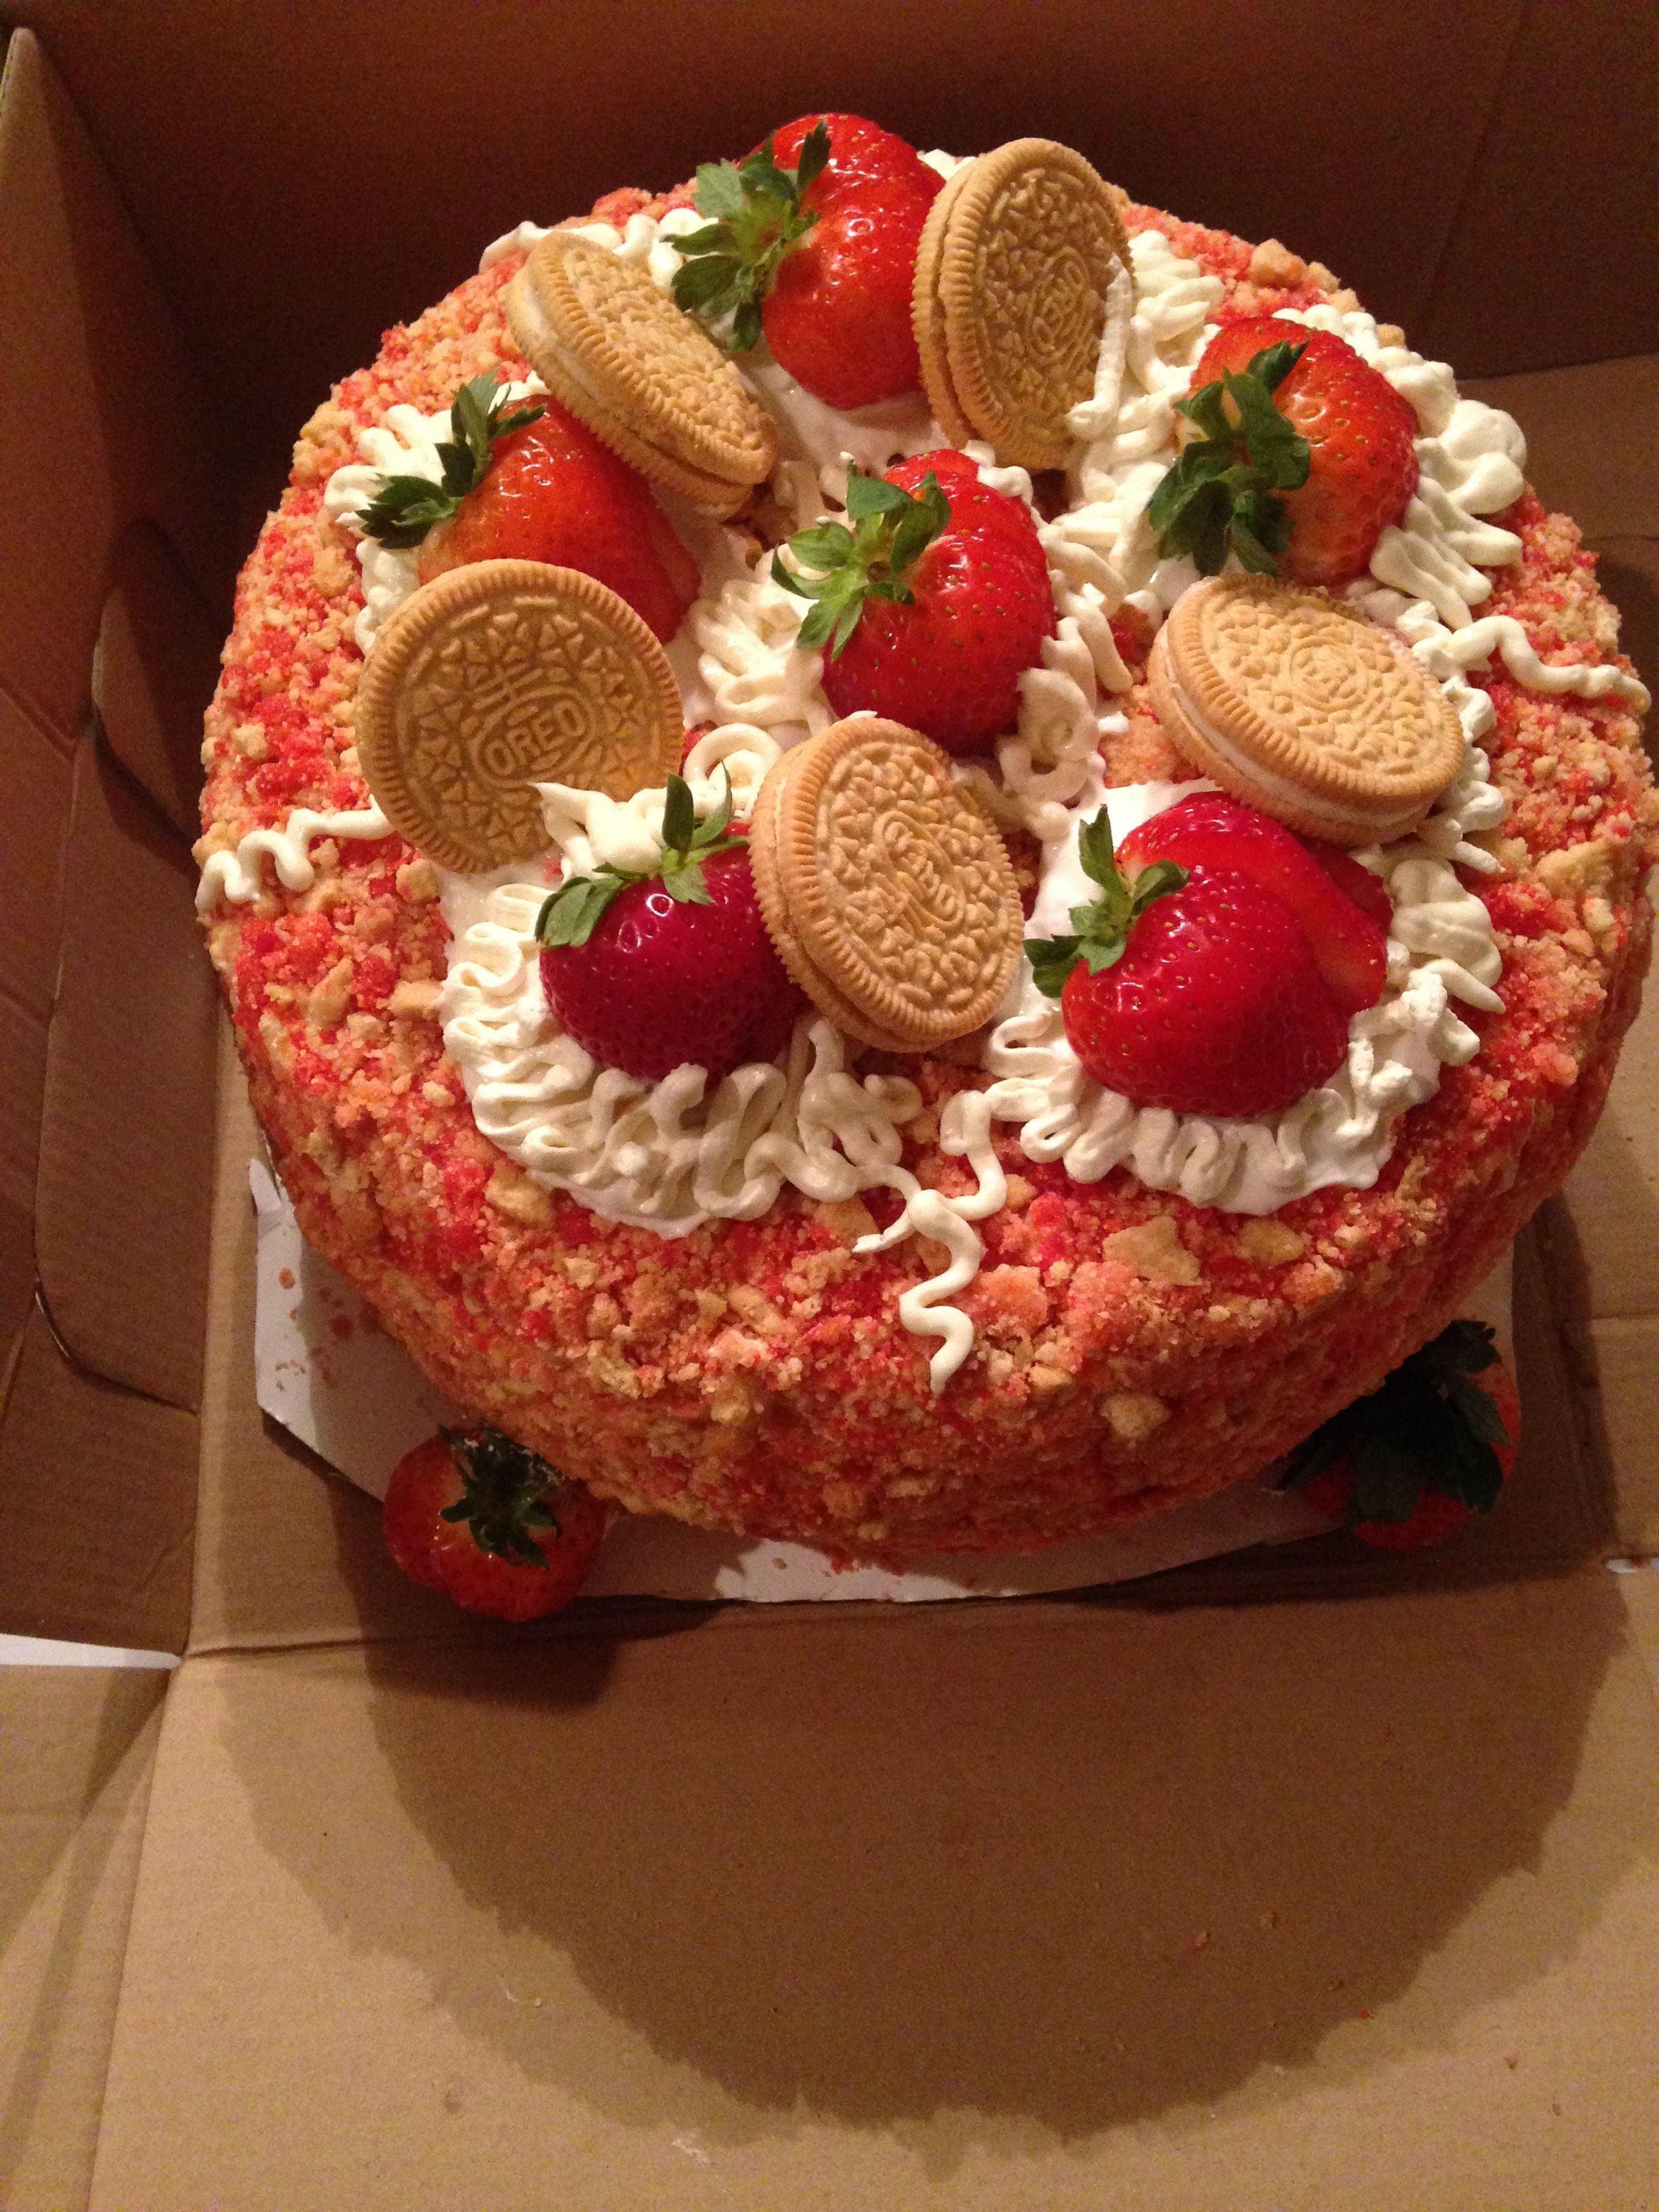 Strawberry Cheesecake Crunch Cake